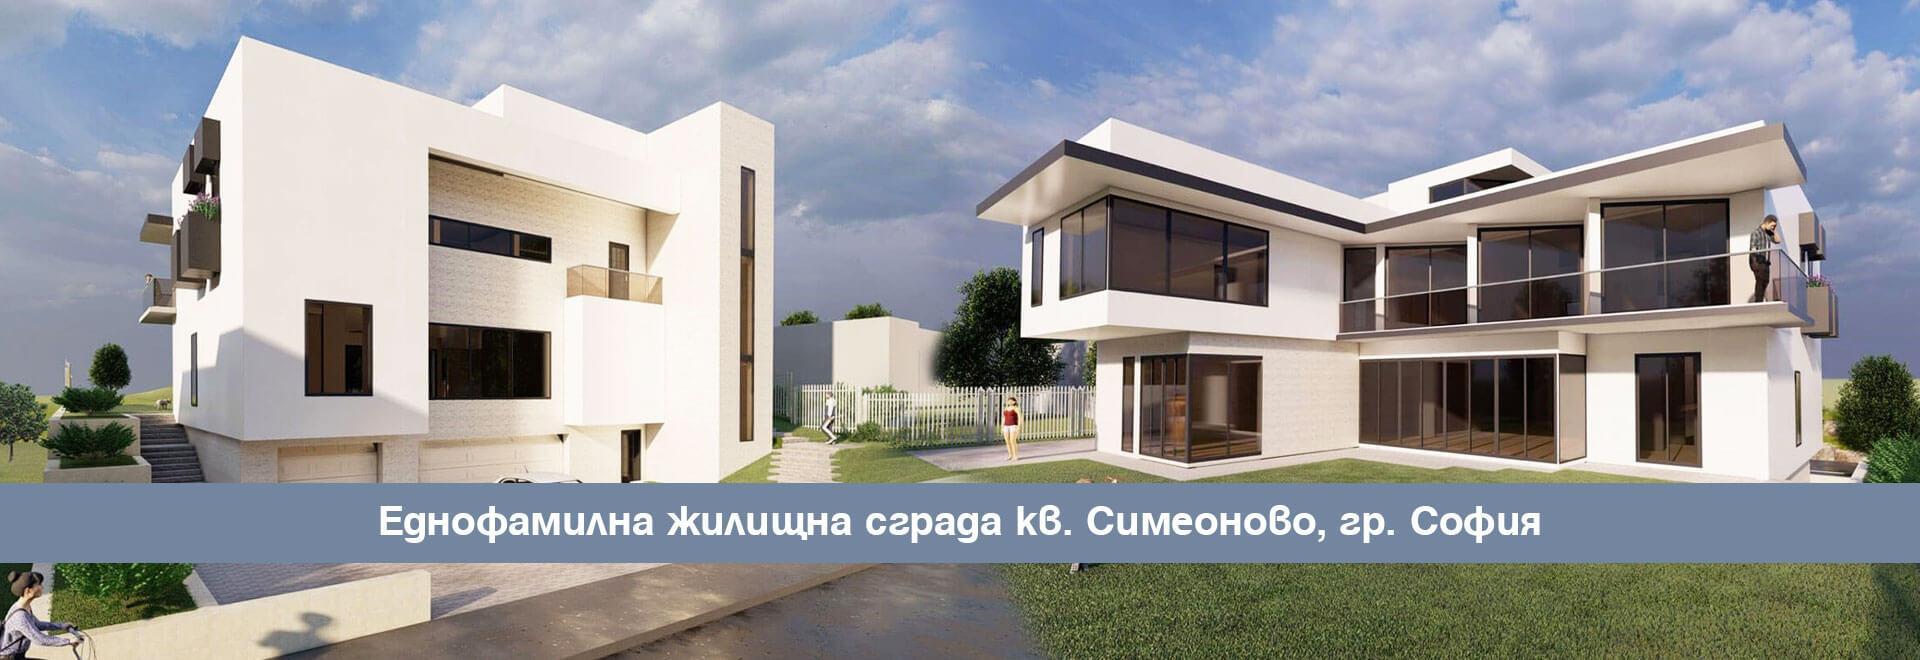 Еднофамилна жилищна сграда кв. Симеоново, гр. София